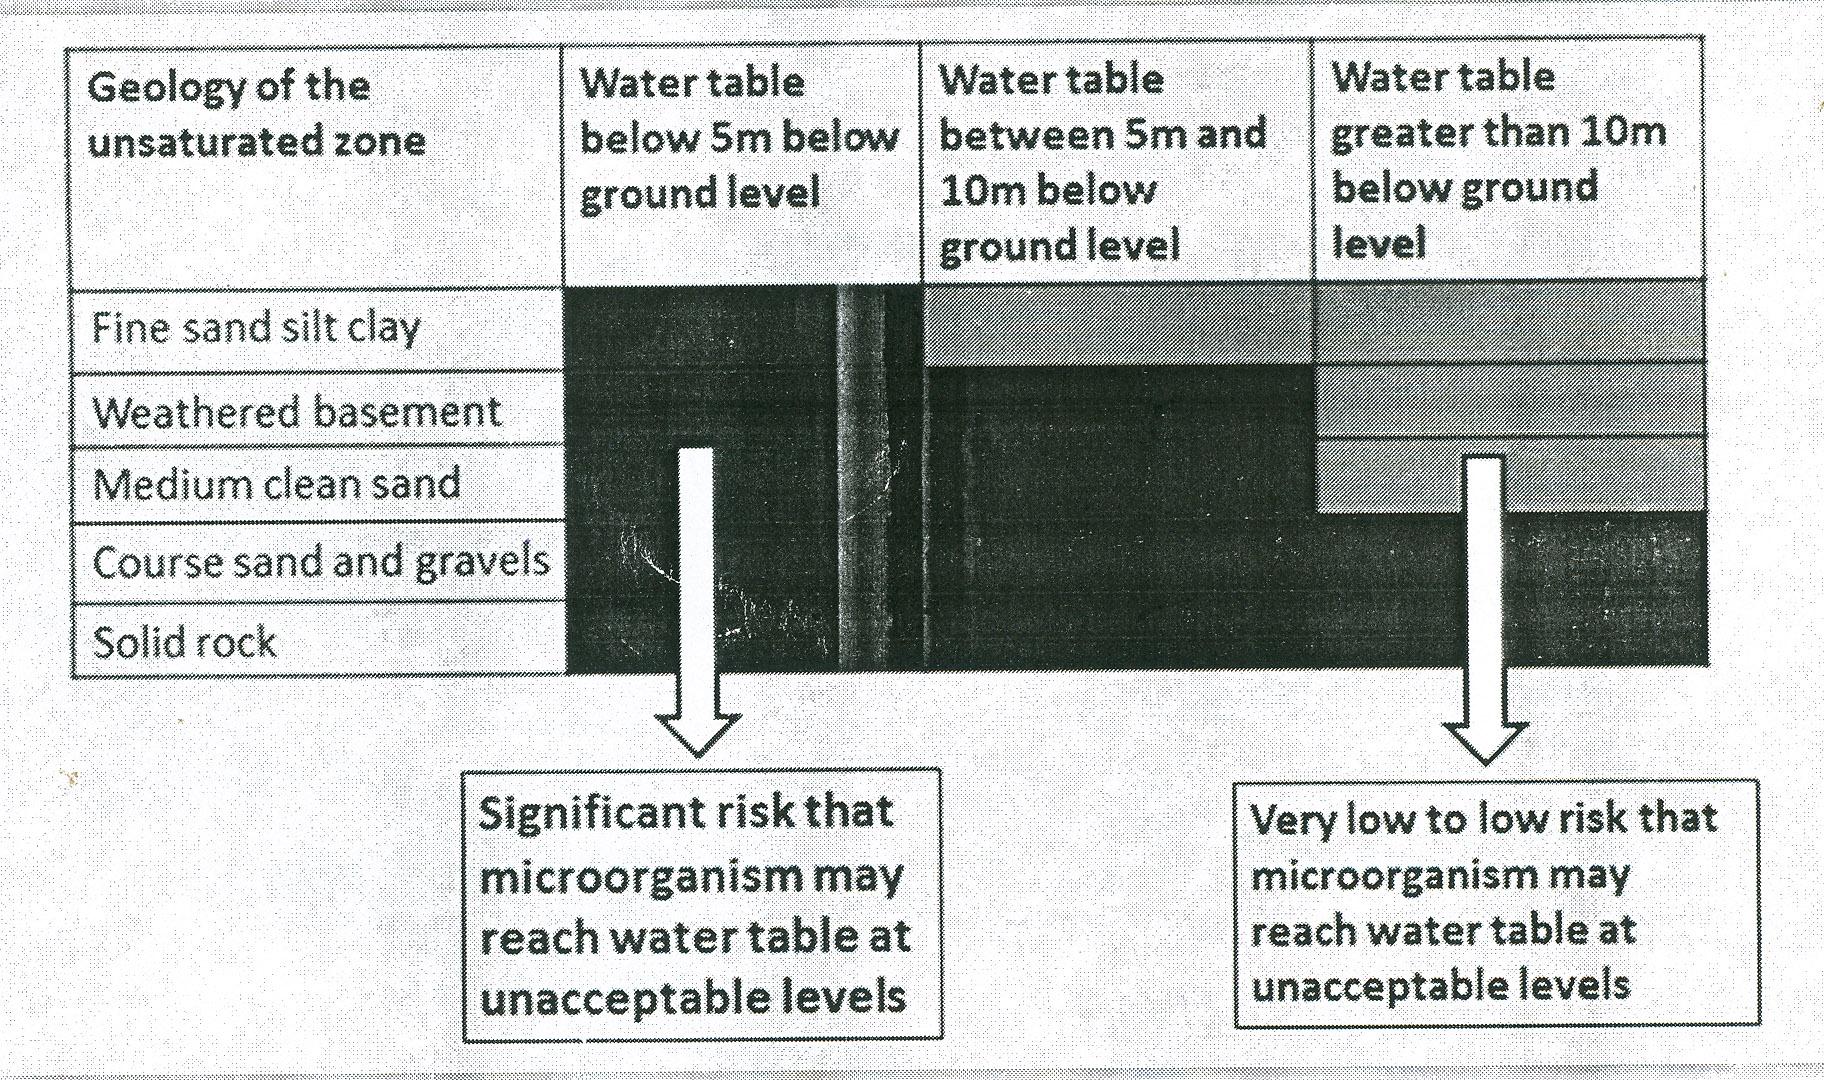 जल स्रोत संदूषण के खतरों का आंकलन